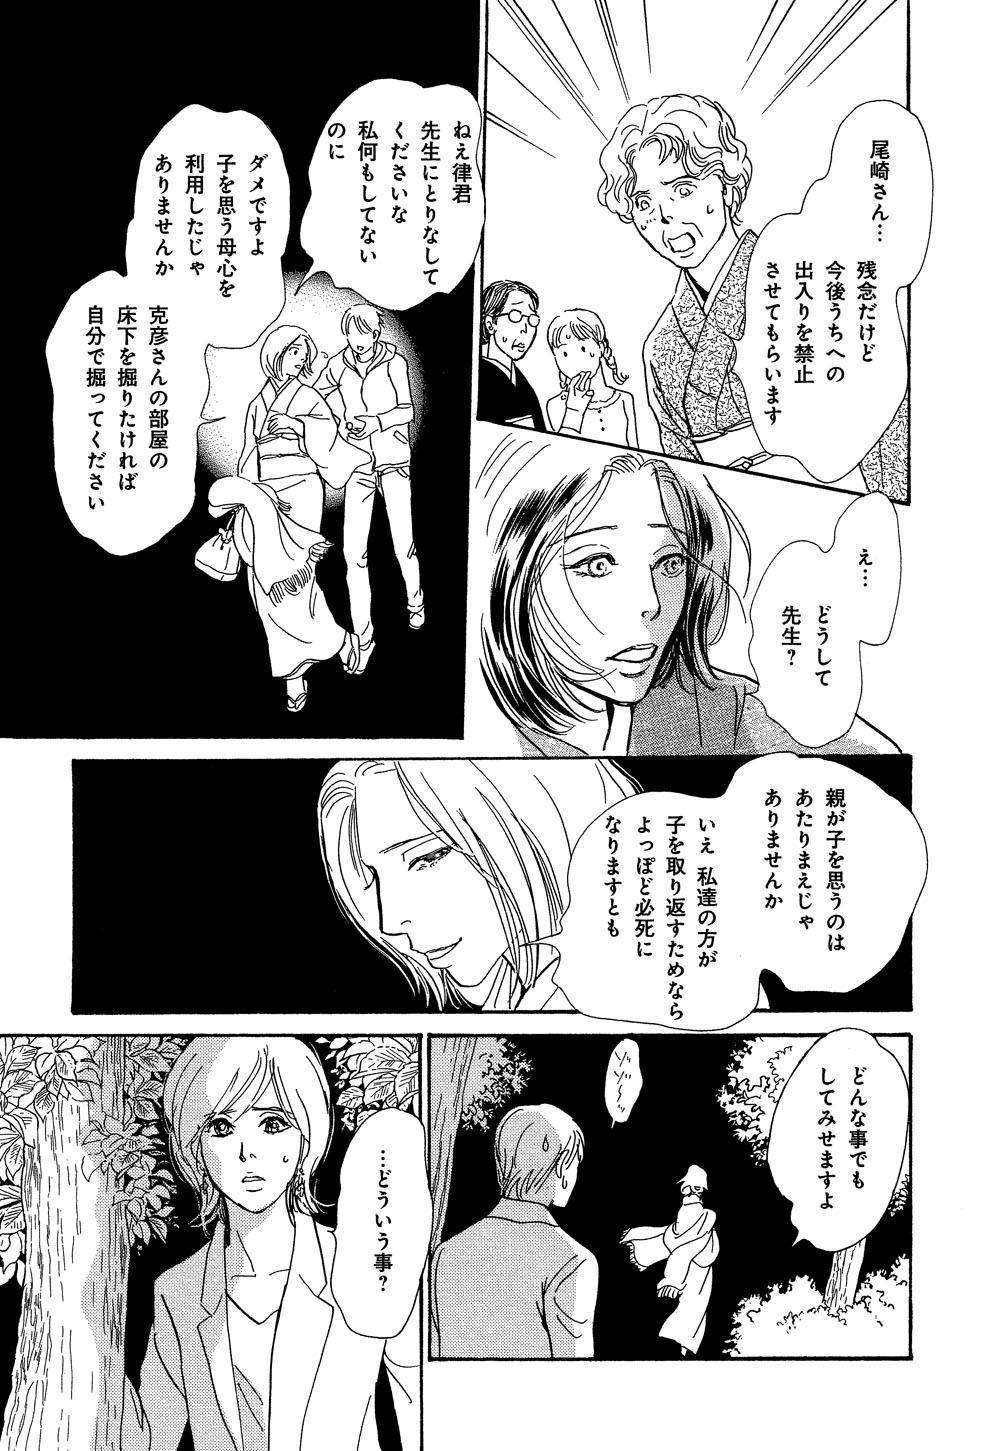 hyakki_0021_0037.jpg